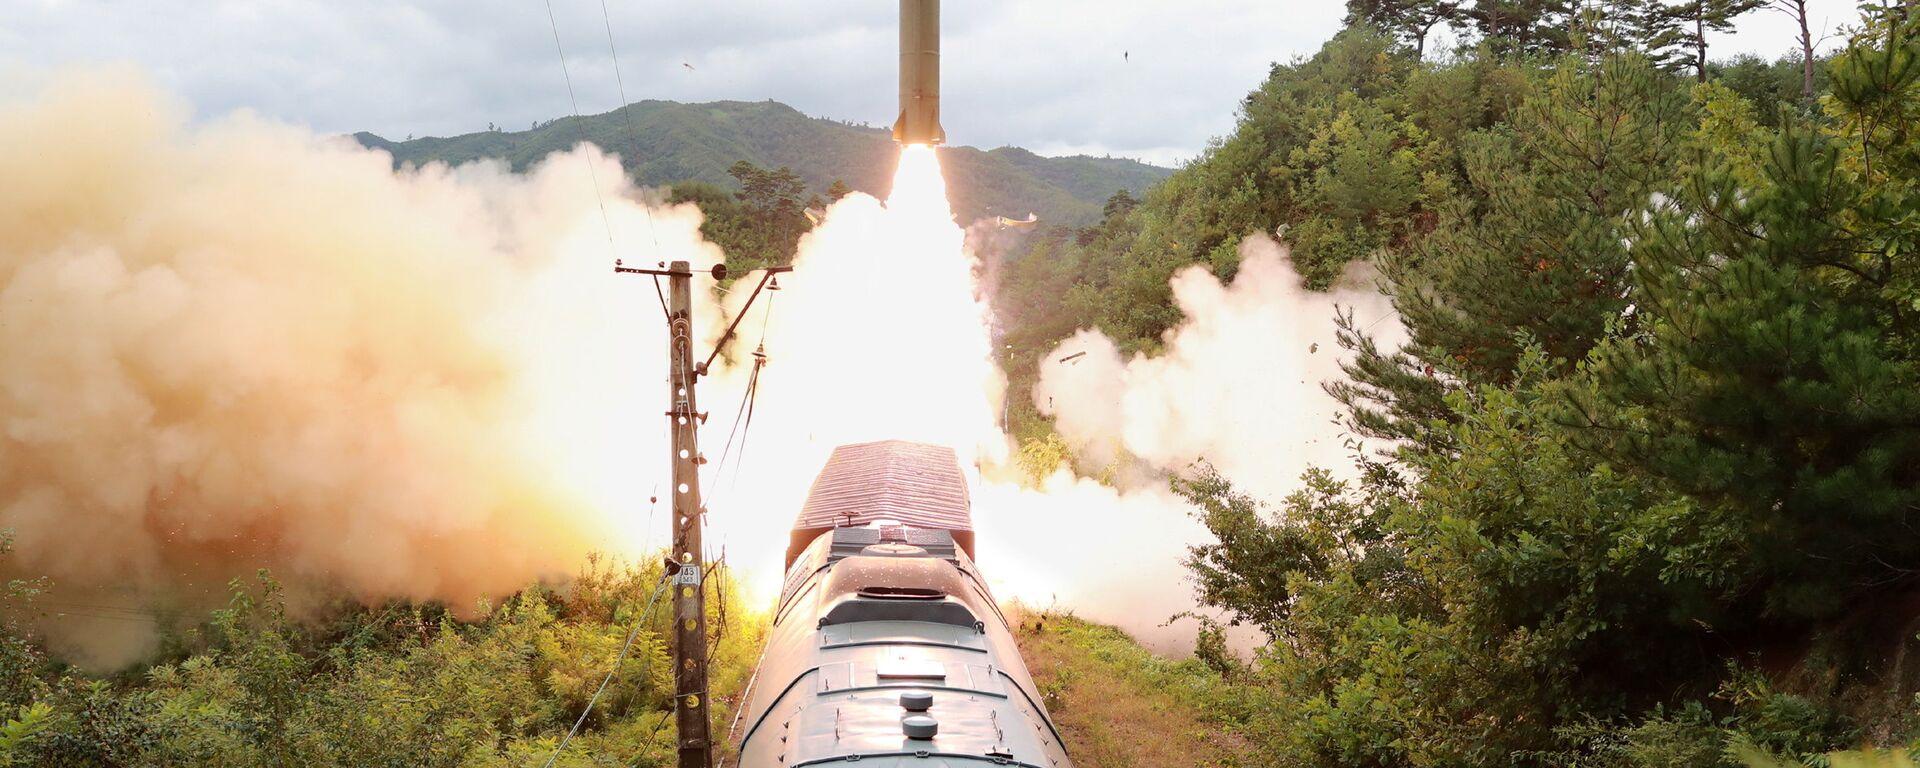 Start rakety v Severní Koreji - Sputnik Česká republika, 1920, 29.09.2021